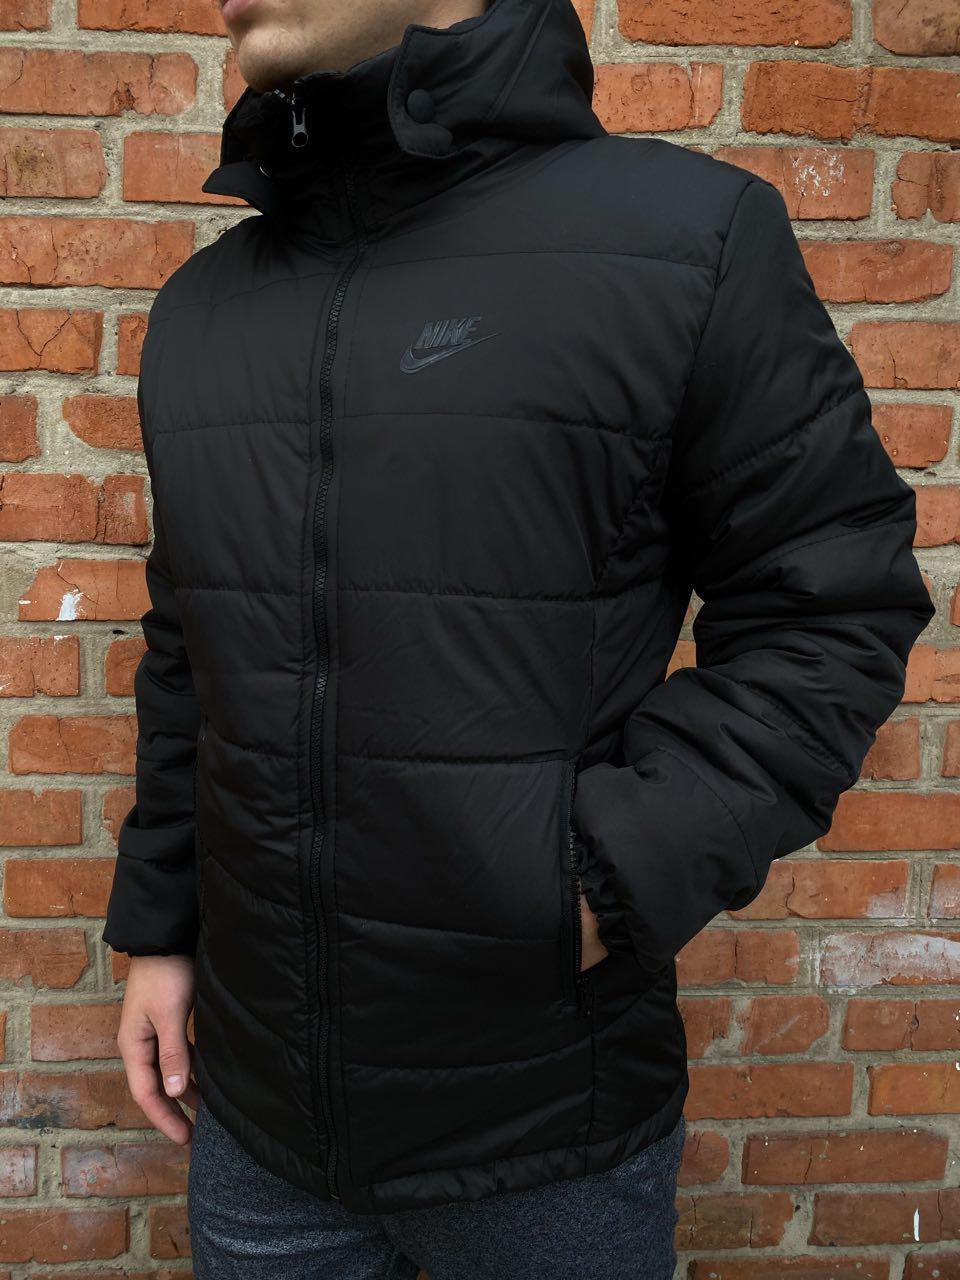 Демисезонная черная Куртка Nike, найк РАСПРОДАЖА Размер S